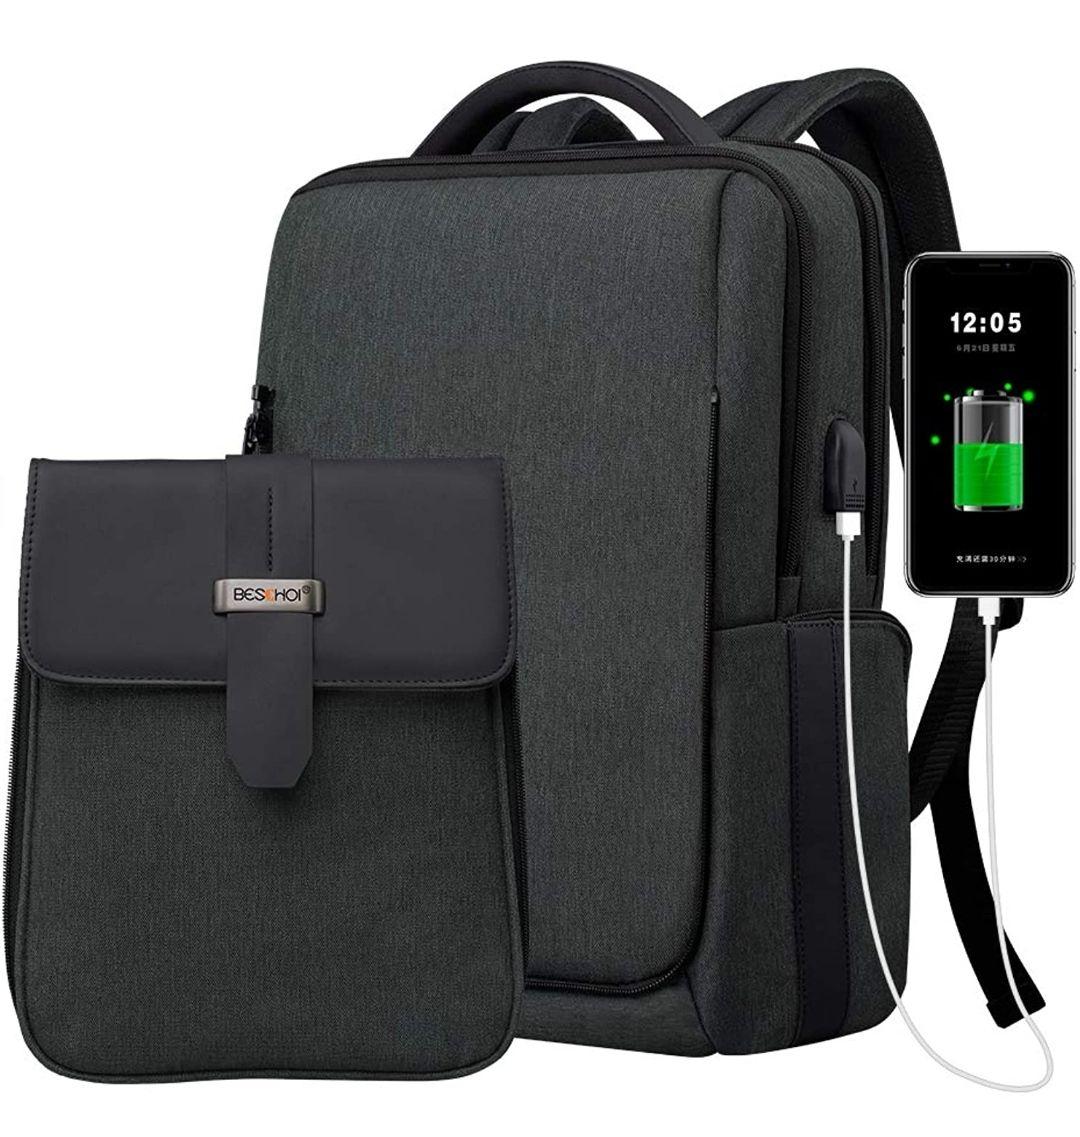 Mochila antirrobo para portátil, impermeable,puerto USB.(mini recoo) descripción.